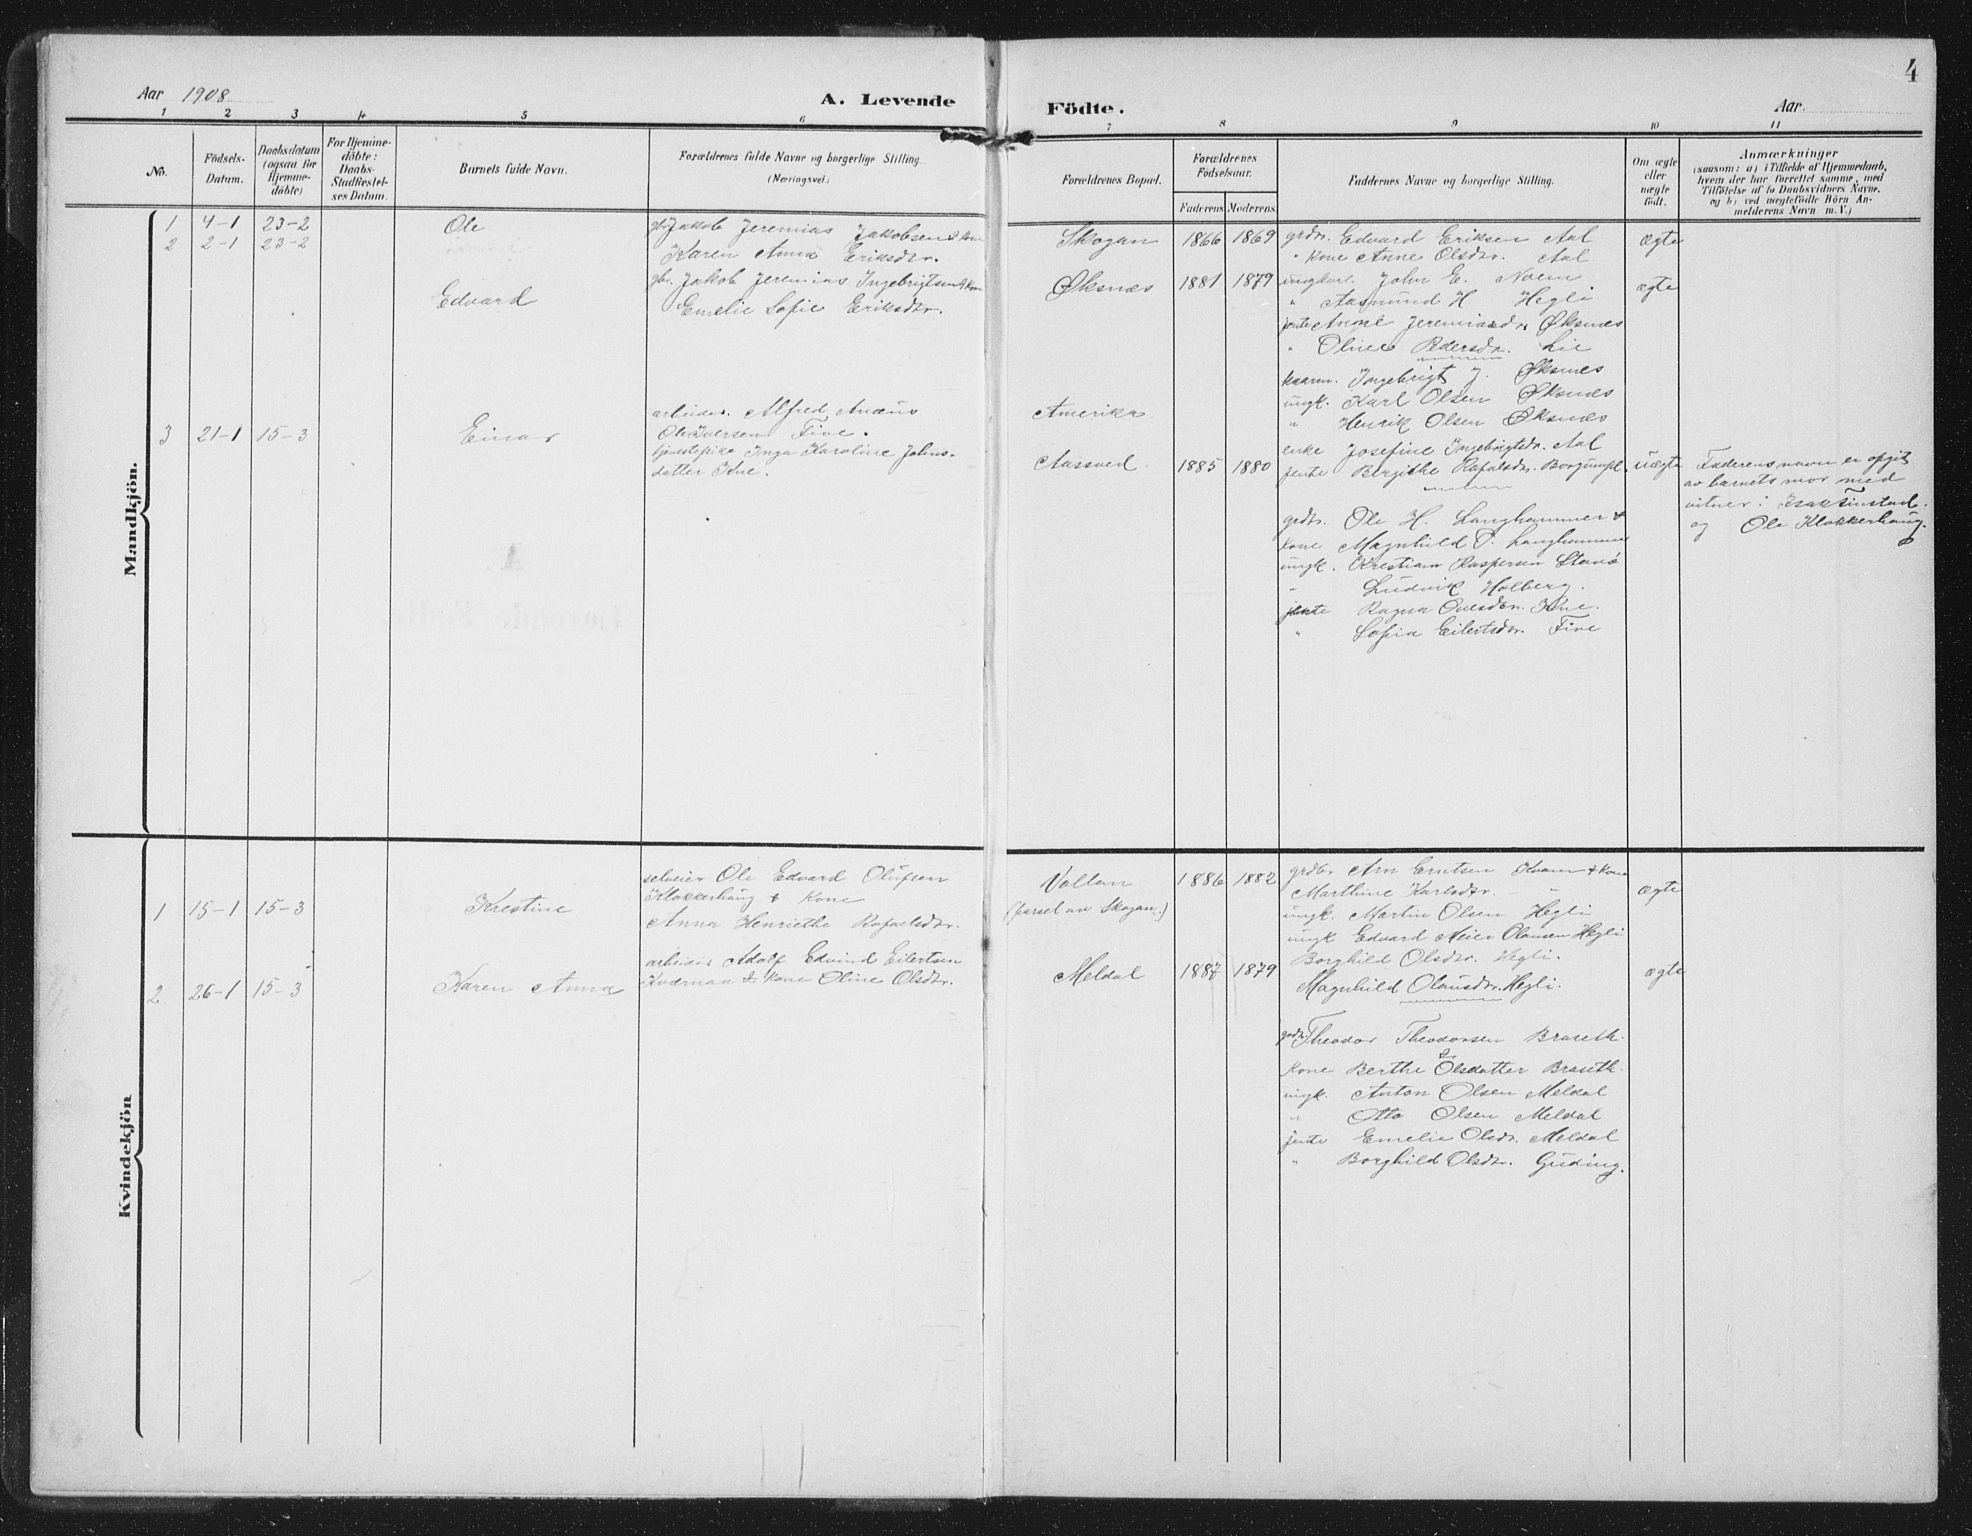 SAT, Ministerialprotokoller, klokkerbøker og fødselsregistre - Nord-Trøndelag, 747/L0460: Klokkerbok nr. 747C02, 1908-1939, s. 4